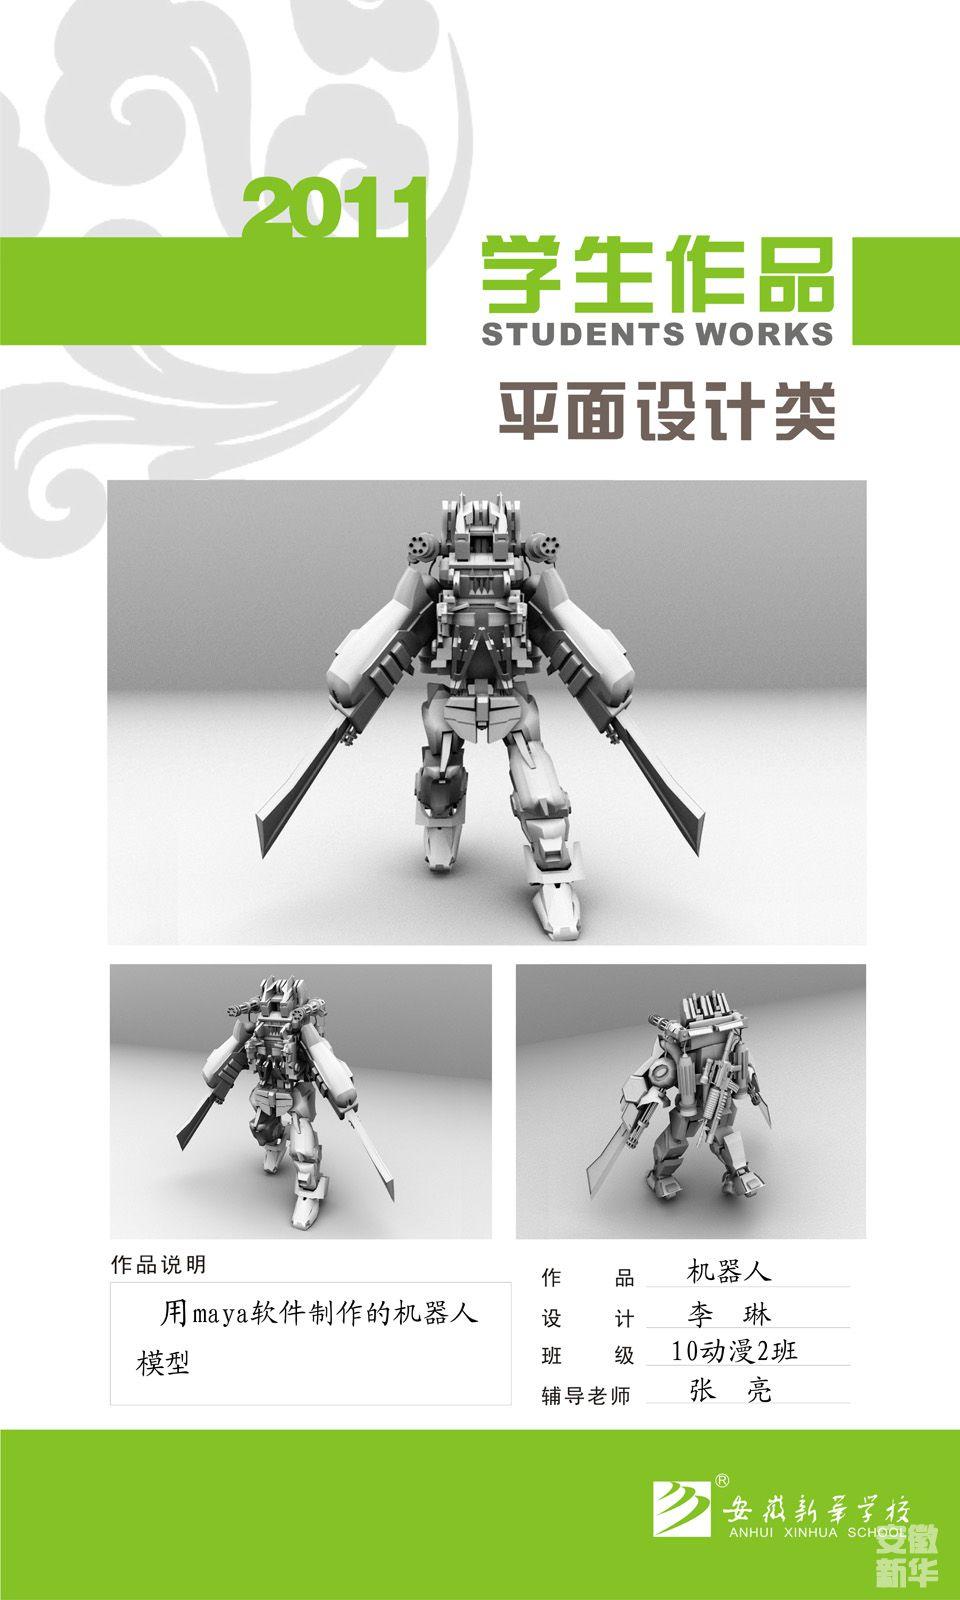 新华学校计算机动漫专业三维图片展 李琳 机器人 动漫与游戏设计 国家